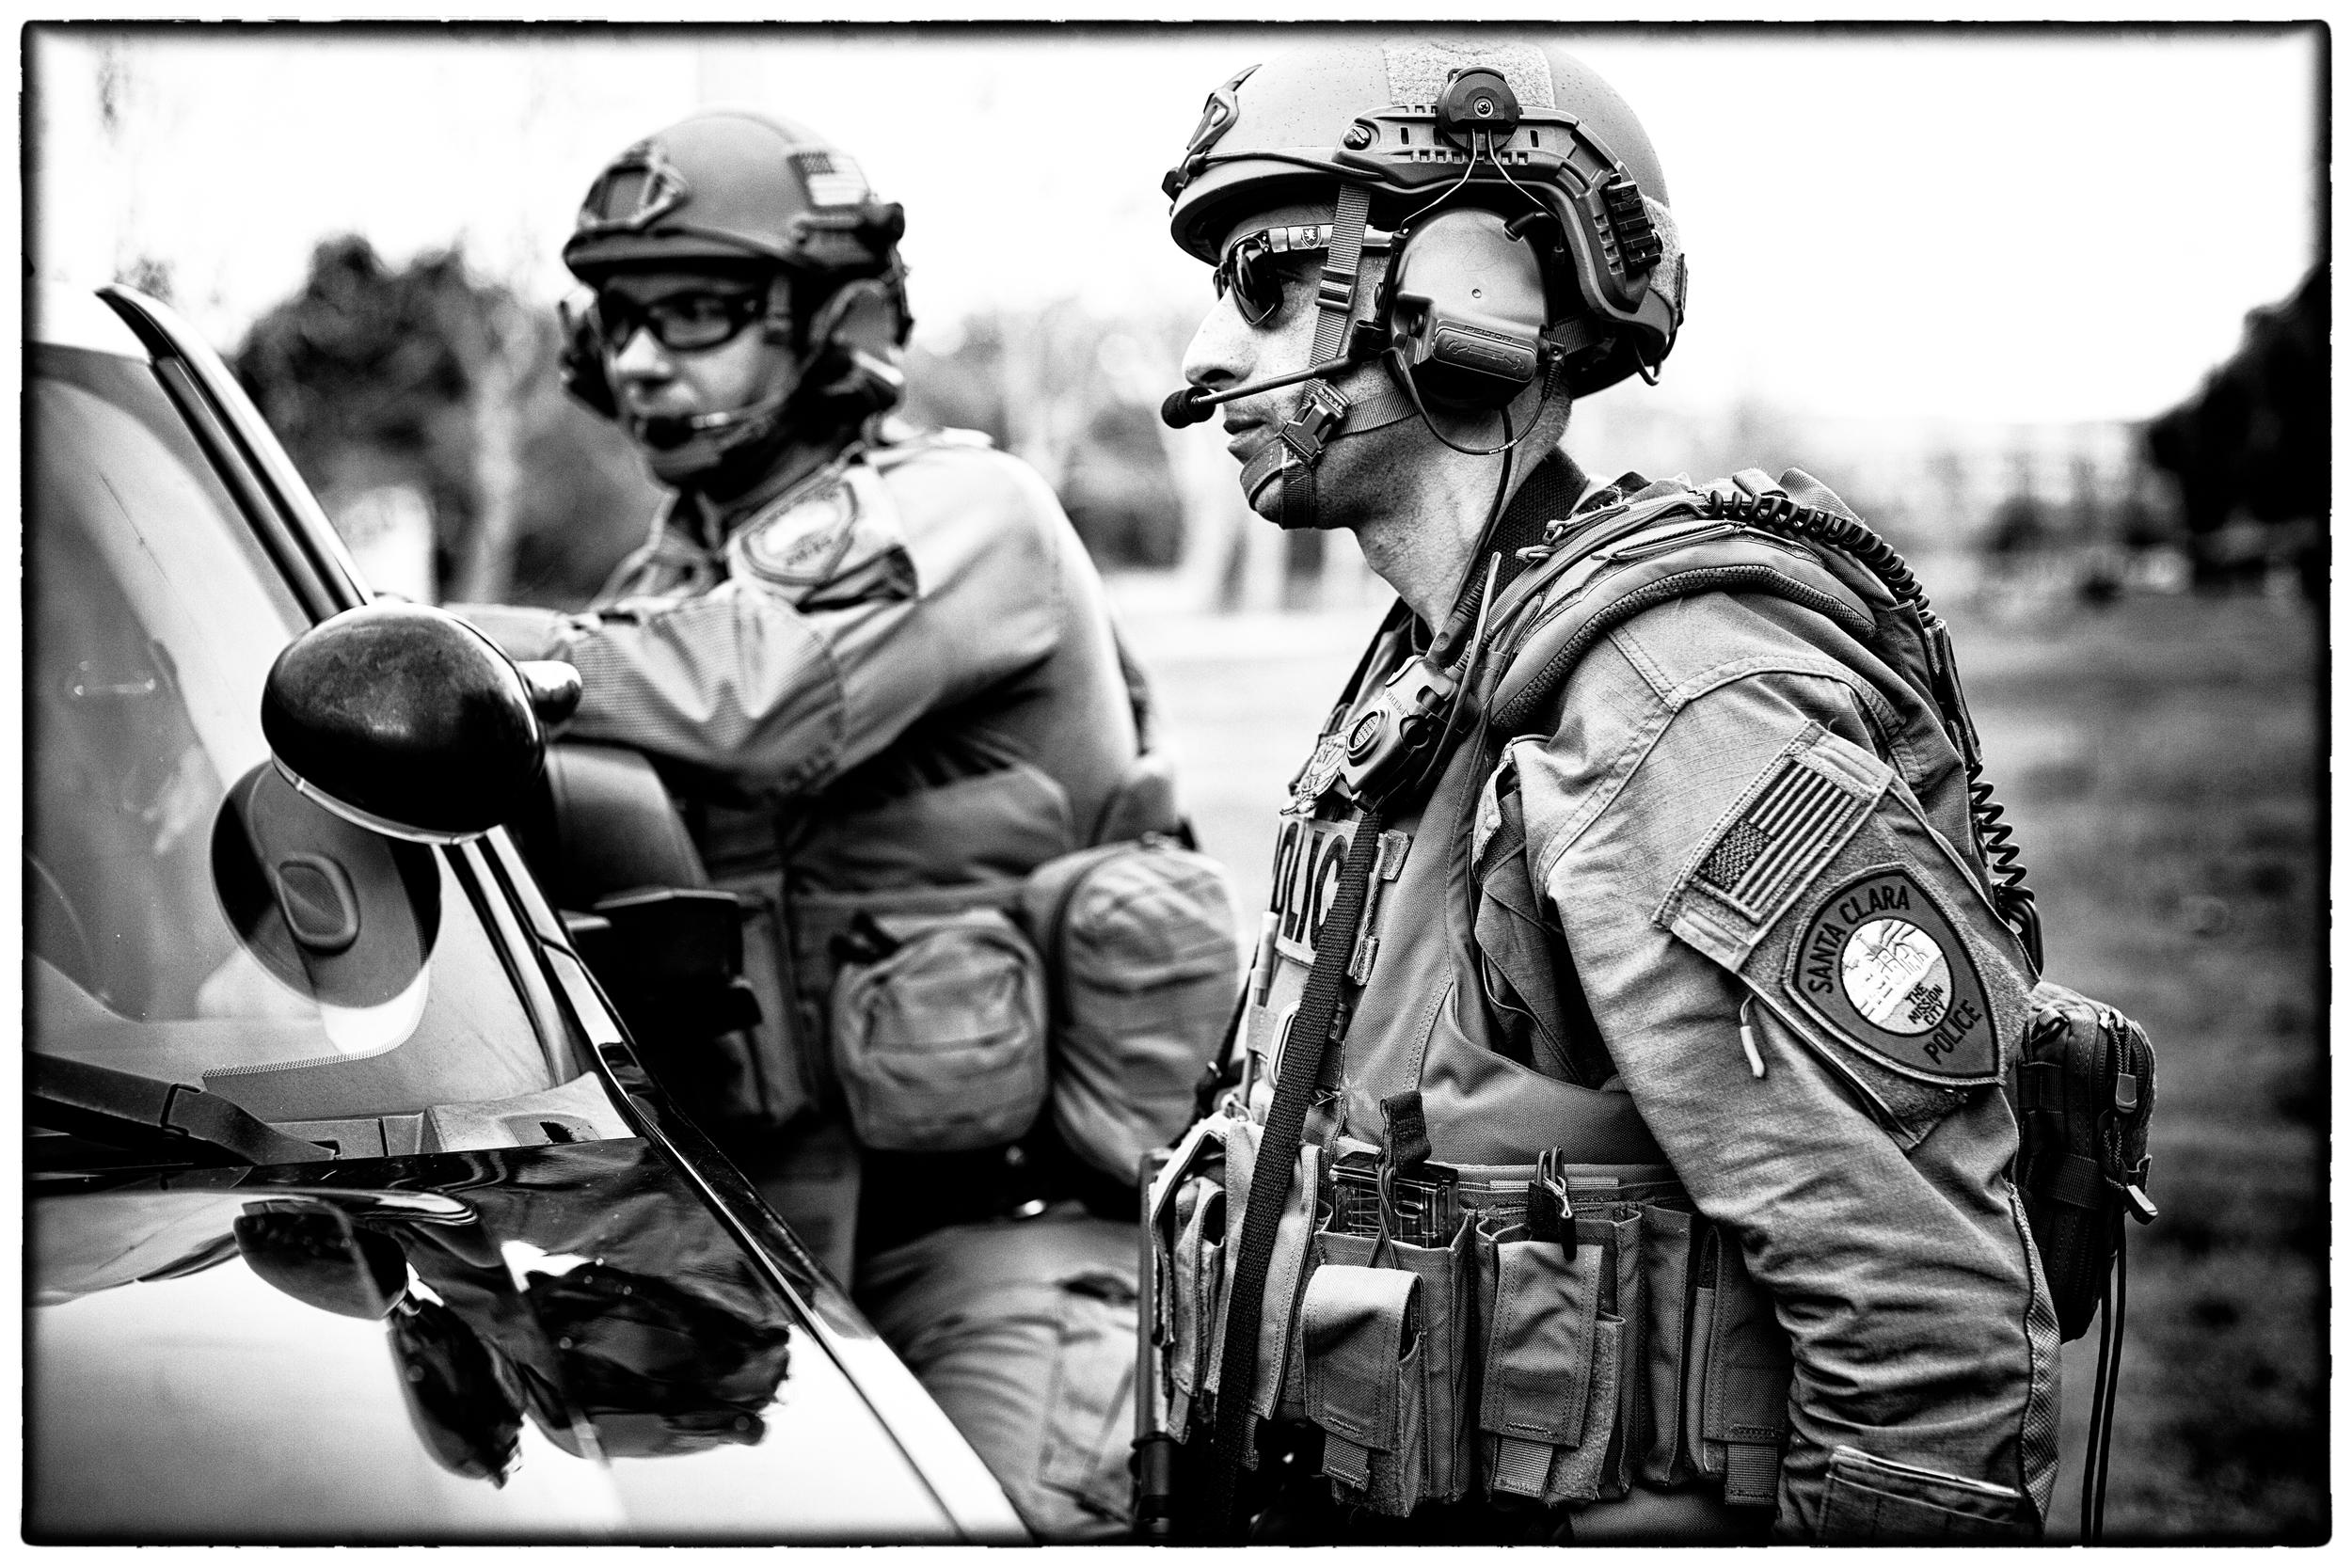 SCPD_SWAT-7.jpg